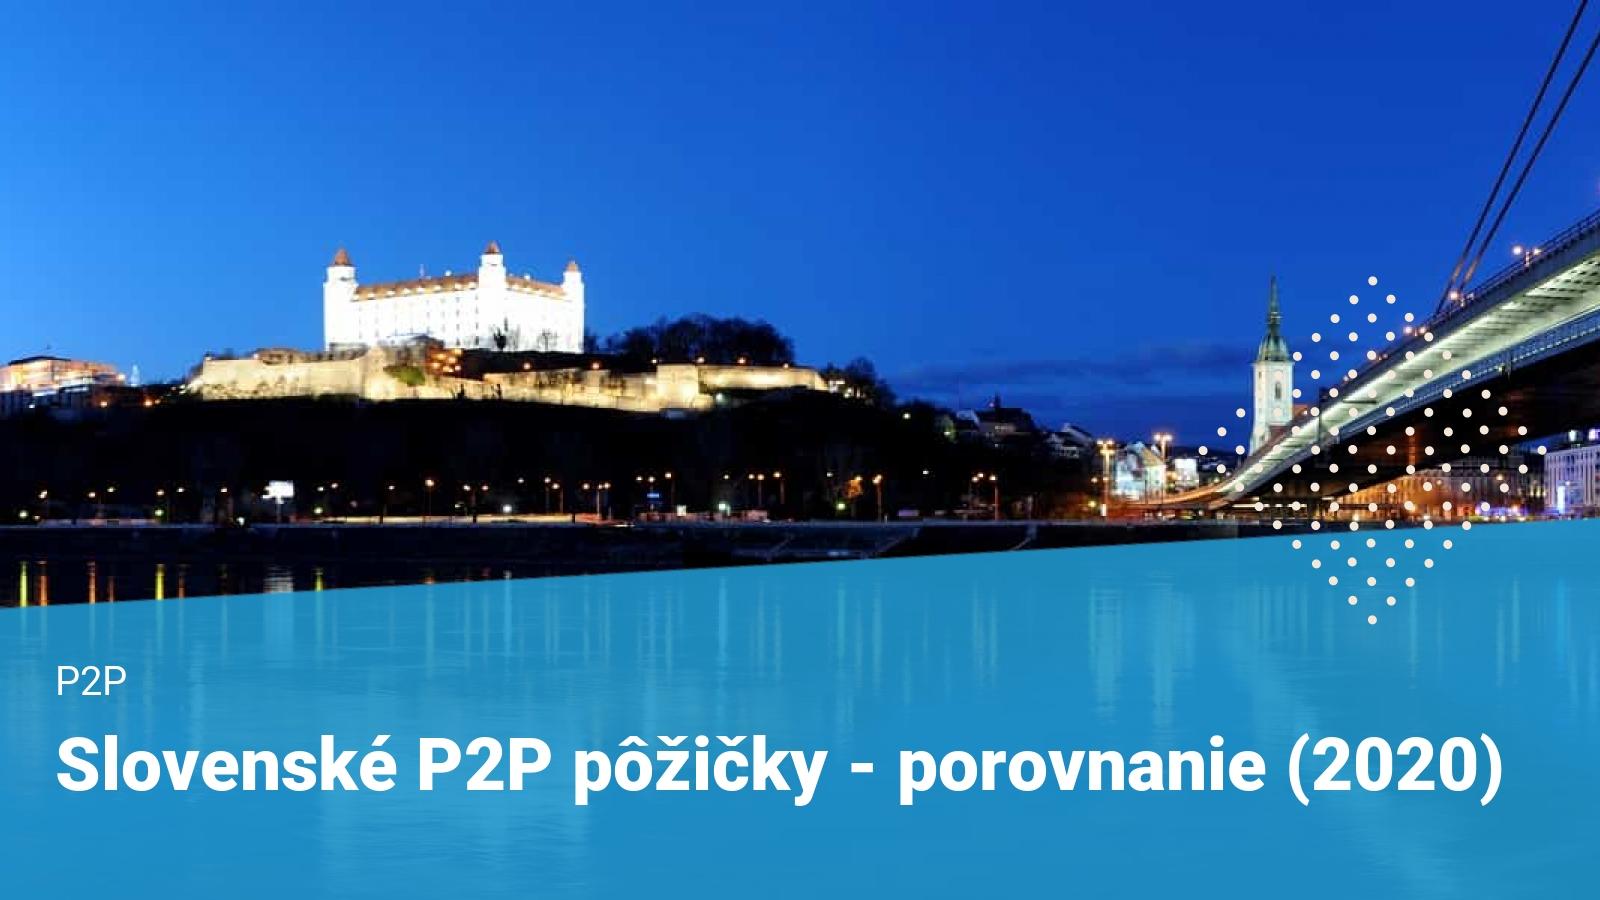 P2P-pozicky-slovensko